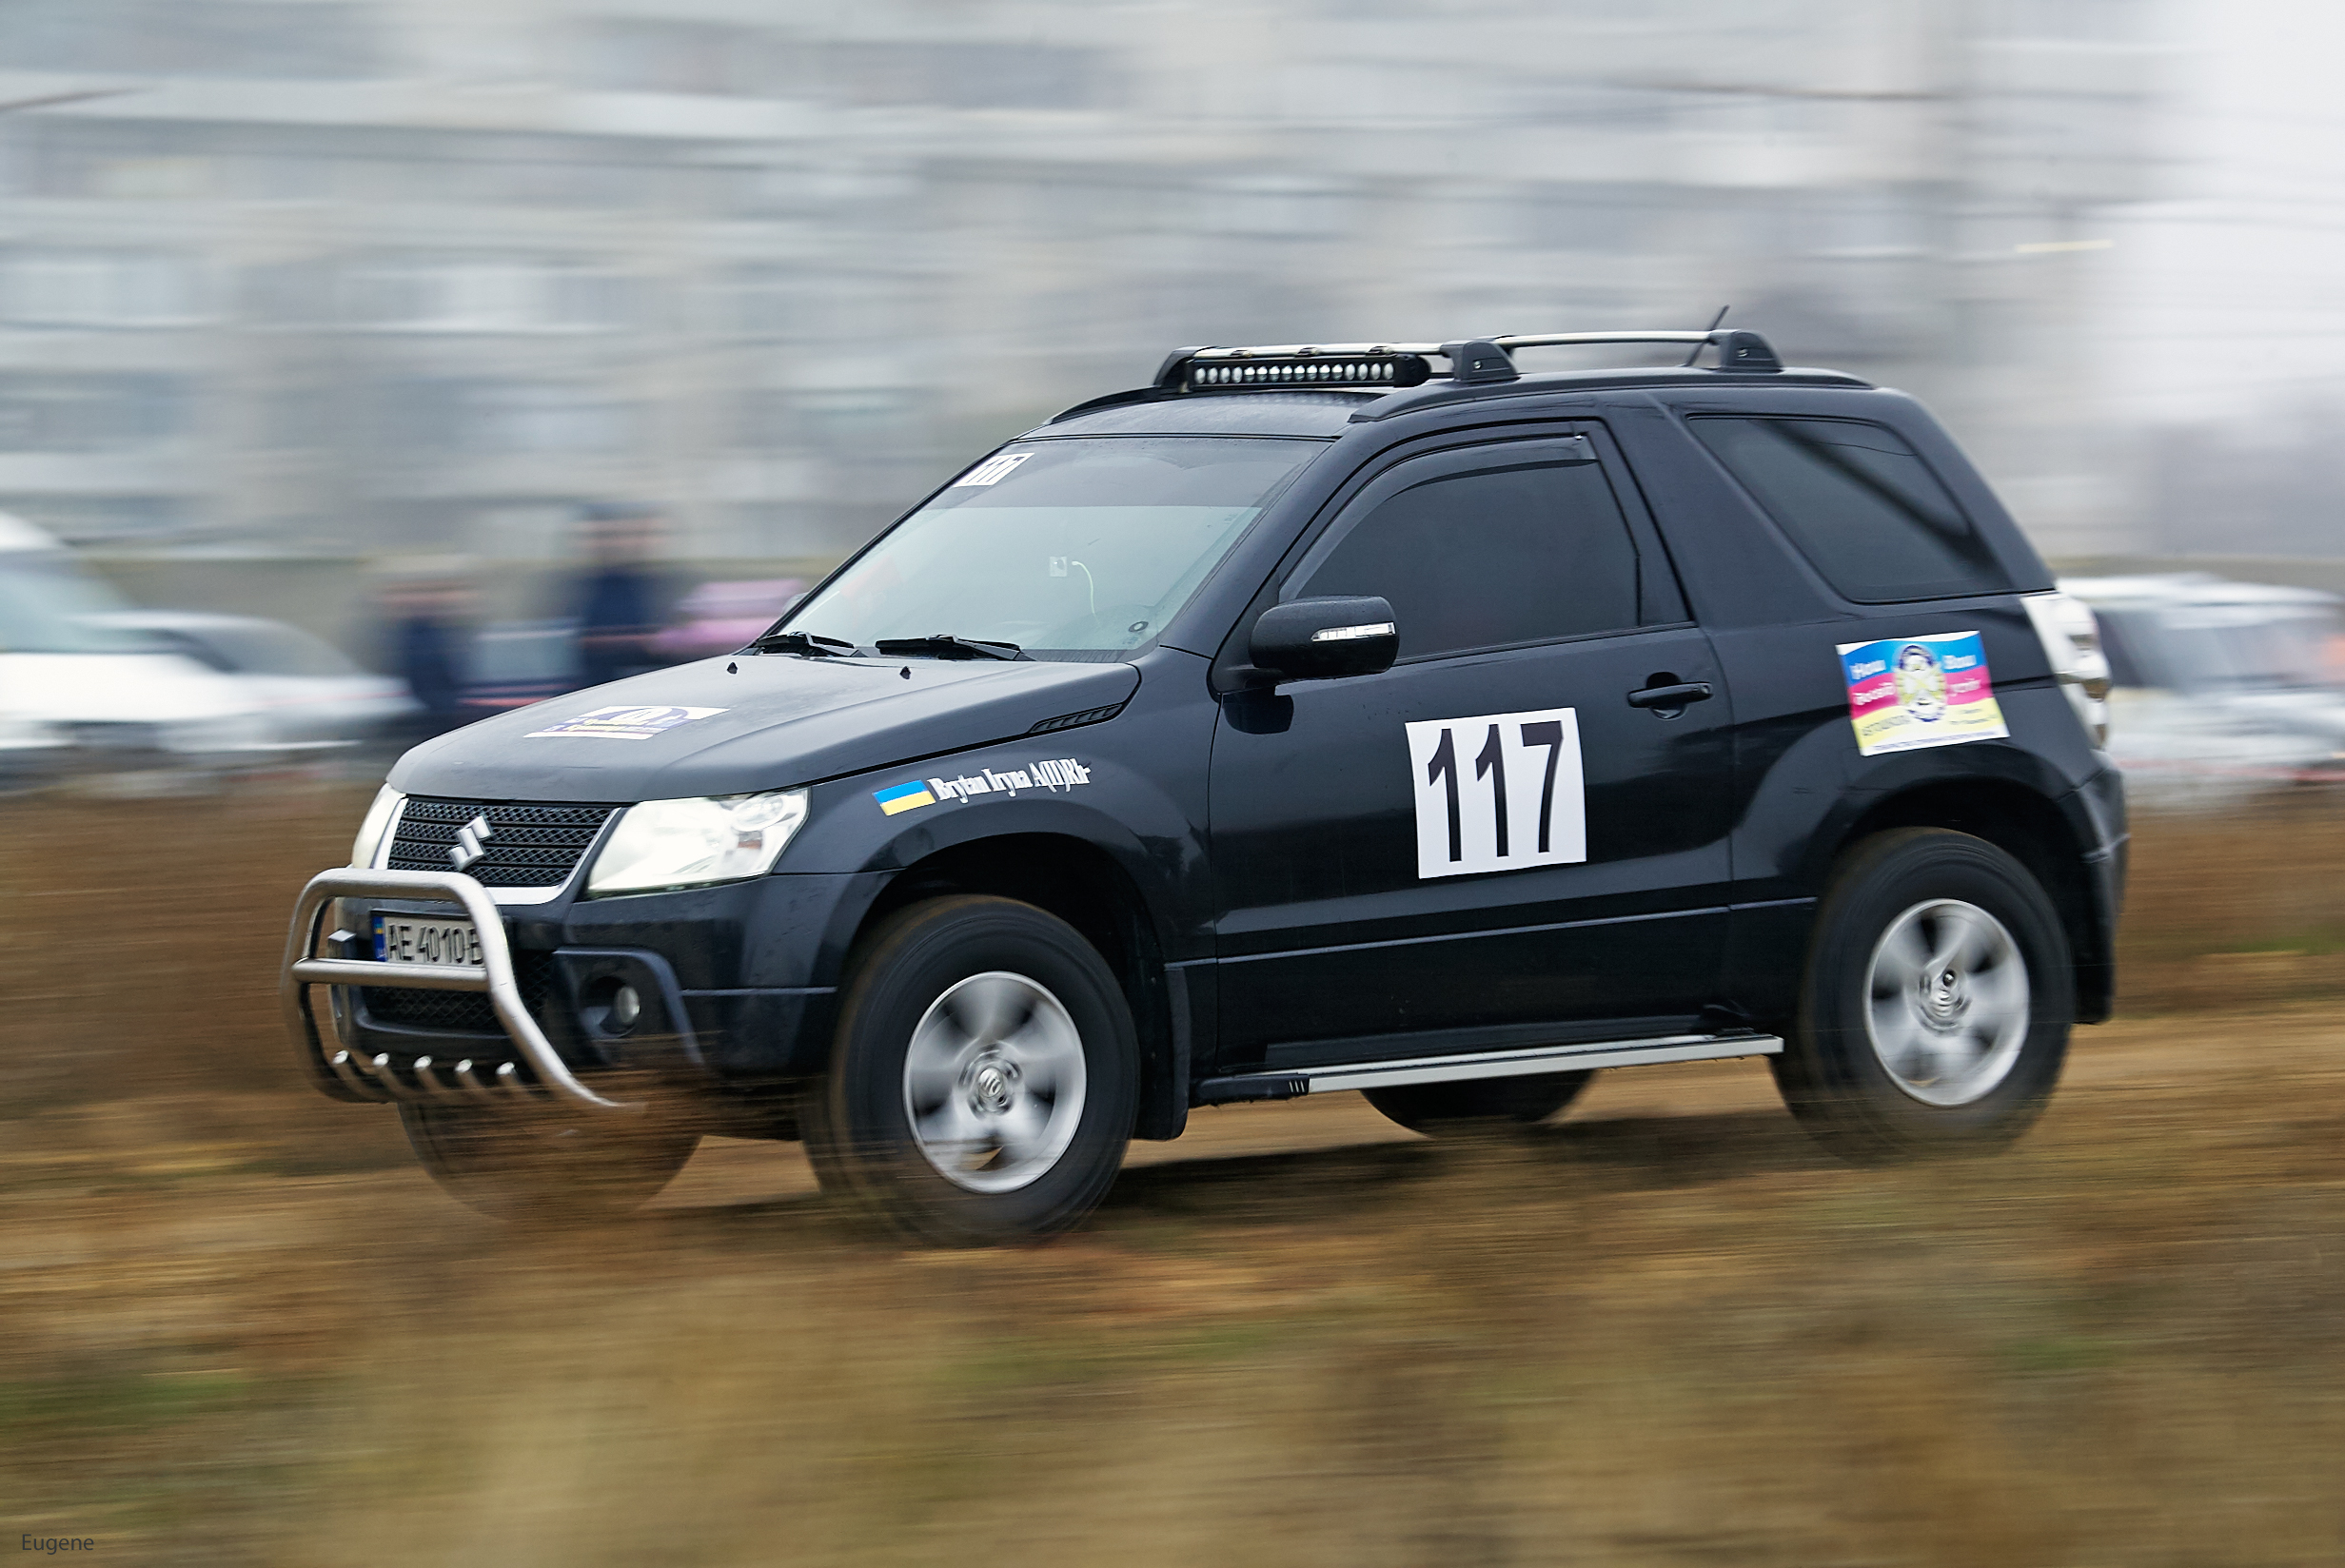 Водитель: Британ Ірина<br/>Штурман: Ліманчук Евген<br/>Машина: Suzuki Grand Vitara (2009г., 2400см³)<br/>Класс: N4<br/>Стартовый №: 411